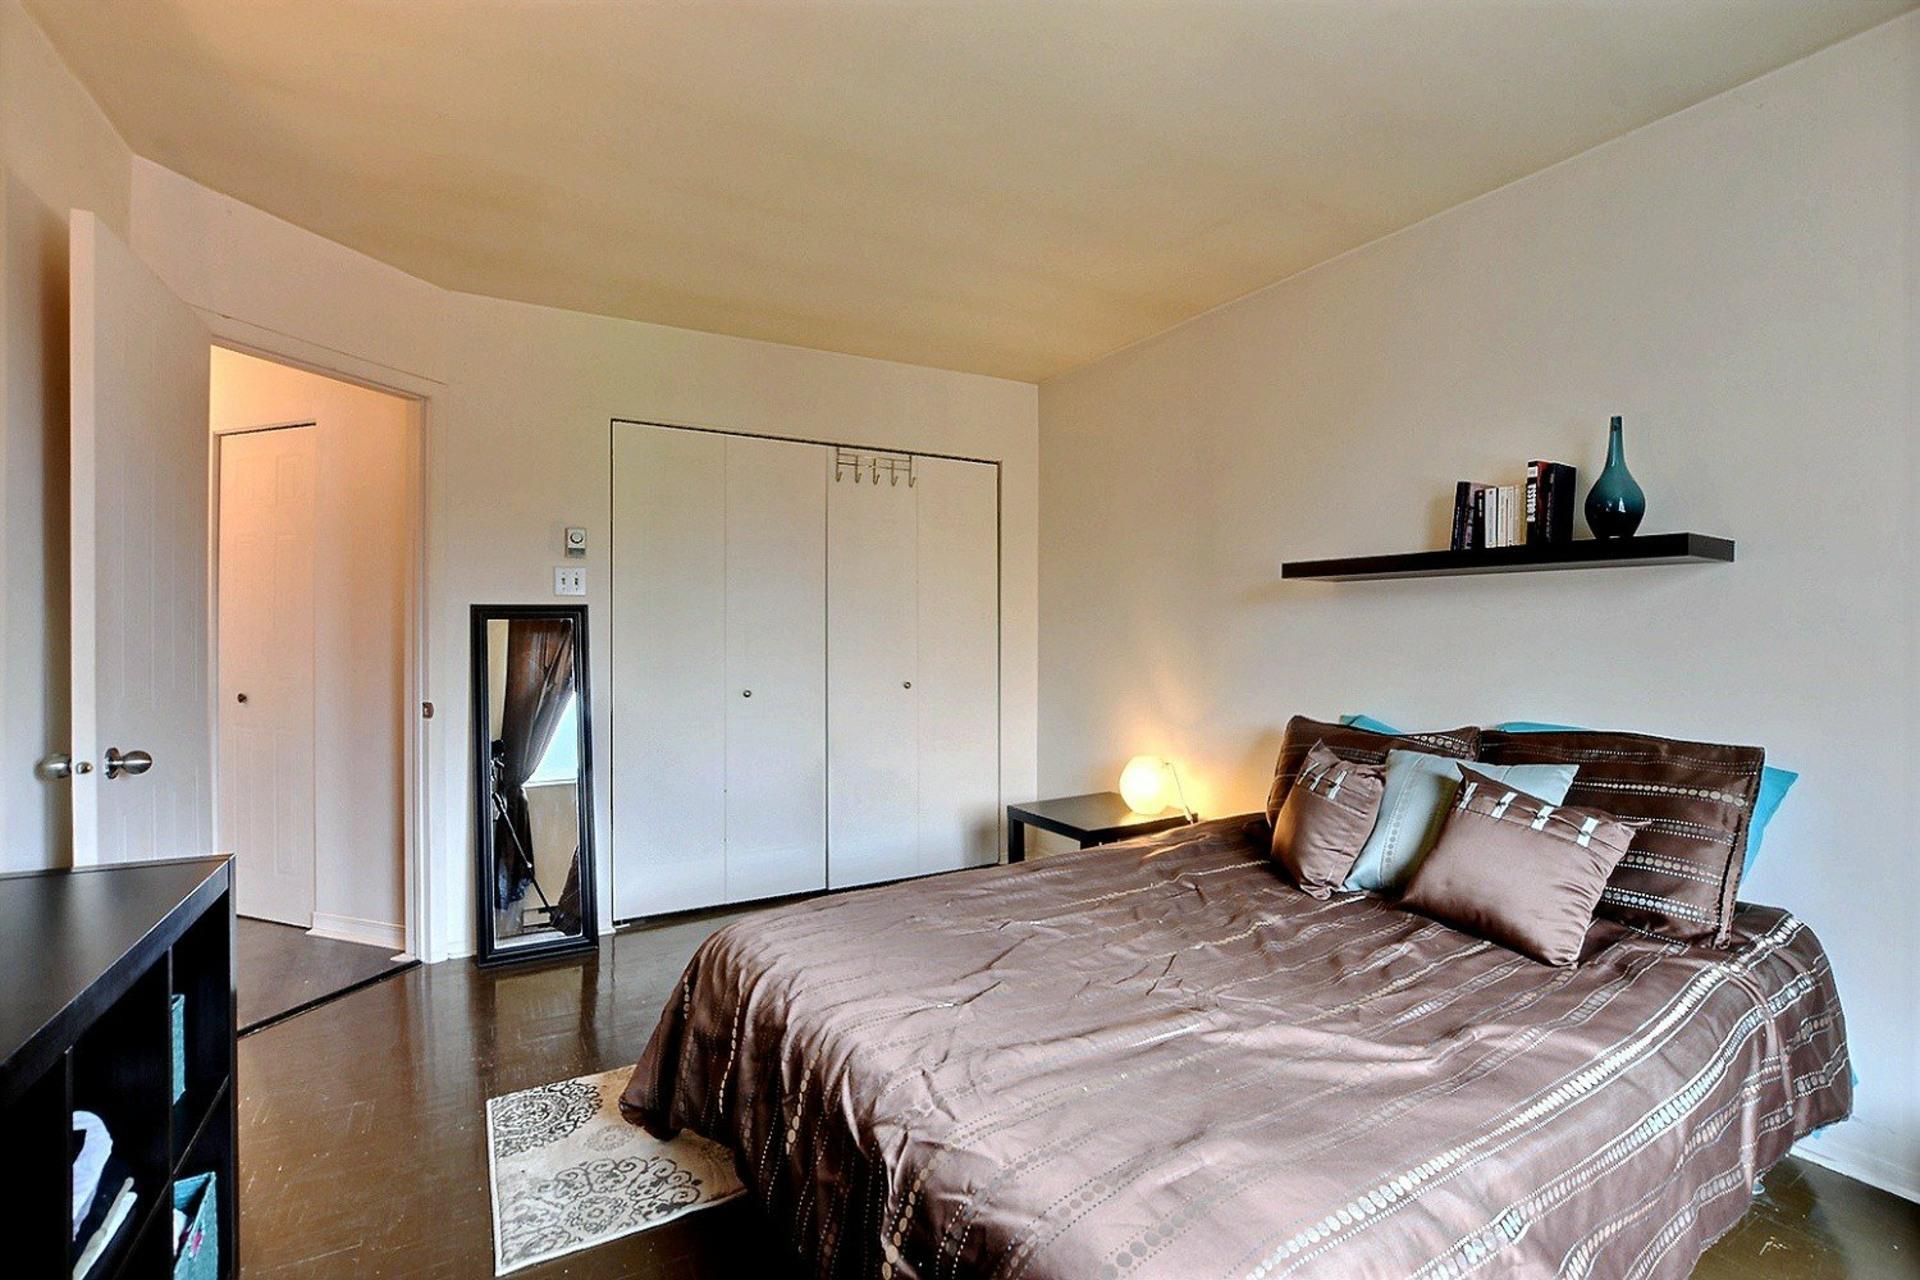 image 14 - Appartement À vendre Montréal Le Plateau-Mont-Royal  - 5 pièces